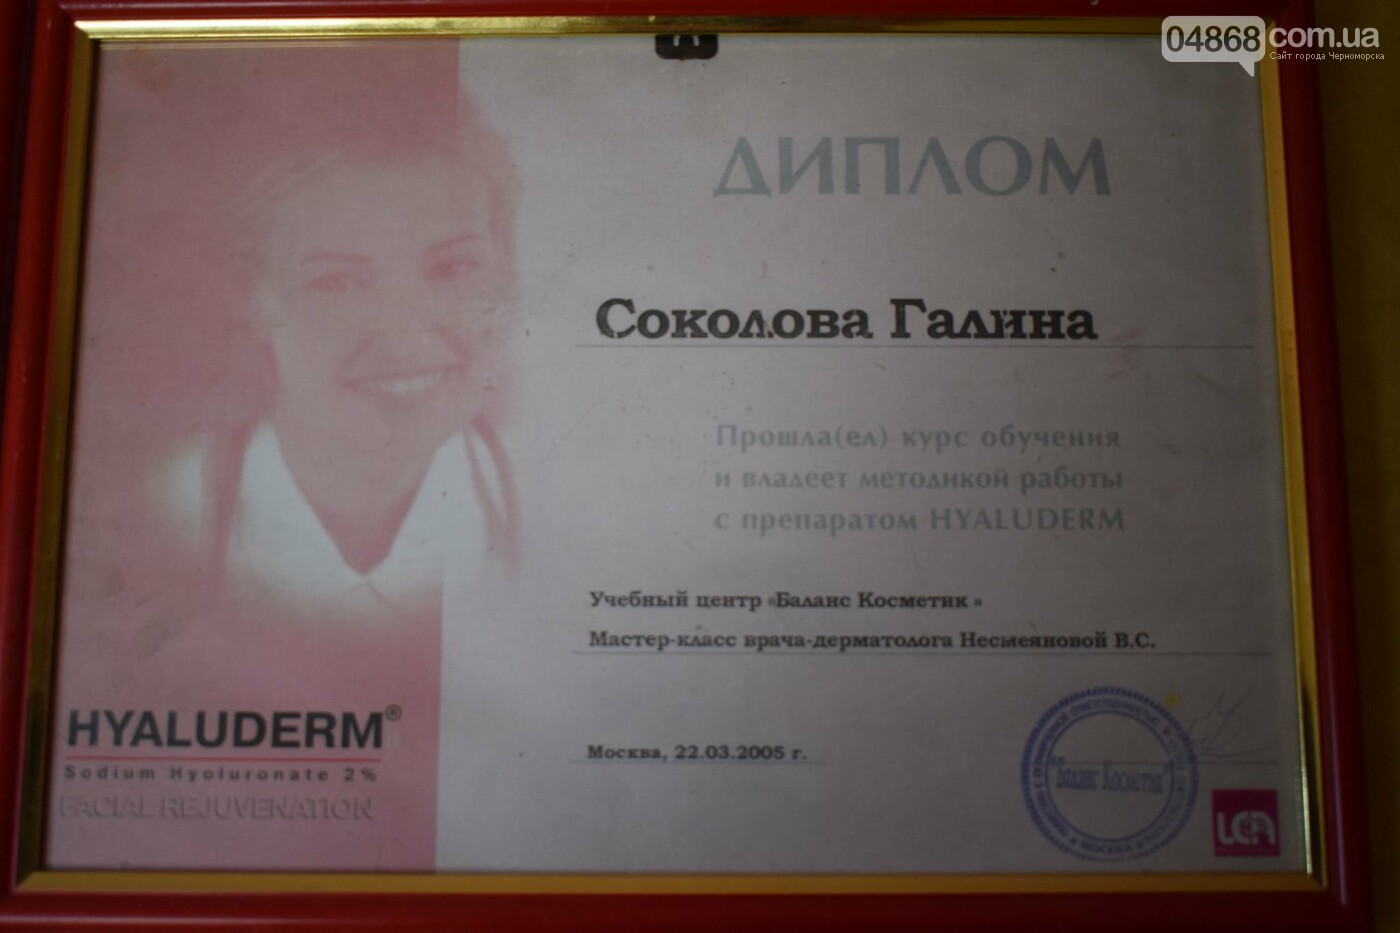 Многолетний опыт и стажировка по всему миру: в Черноморске ведёт приём уникальный врач, фото-5